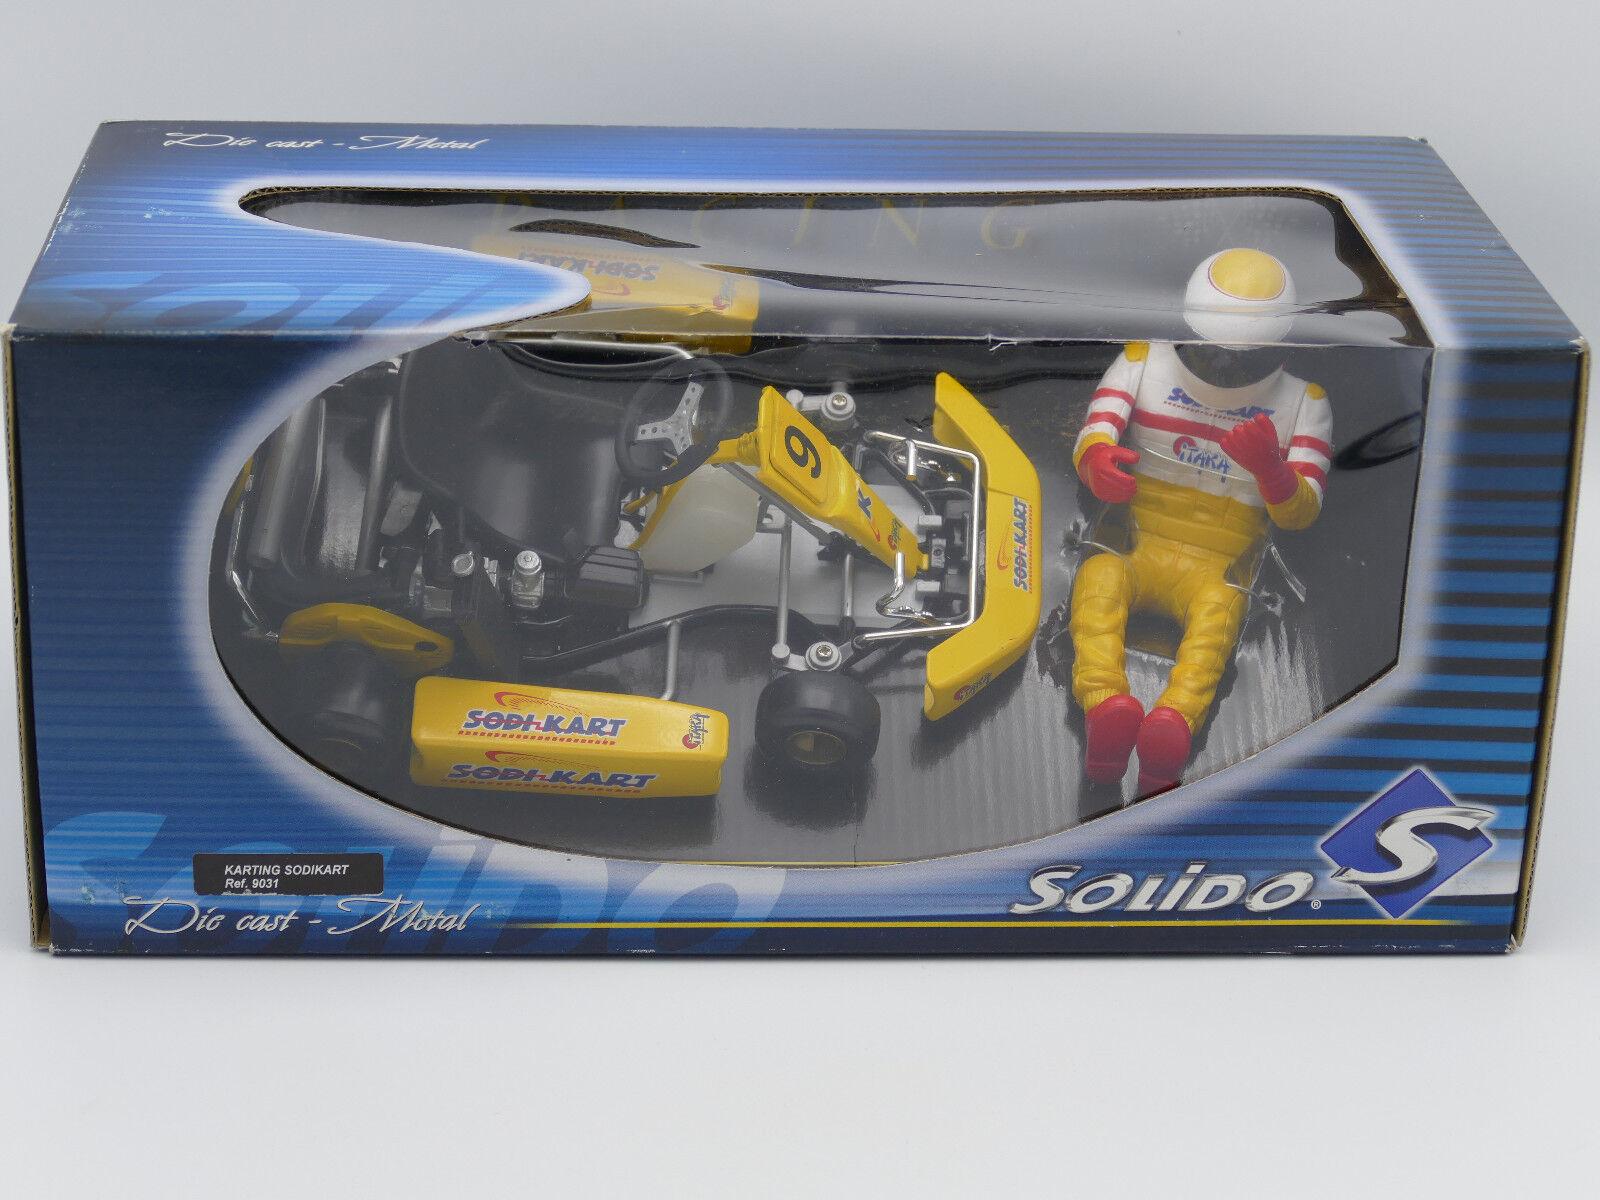 1 10 Solido Kart Sodi Kart+Driver Figure giallo